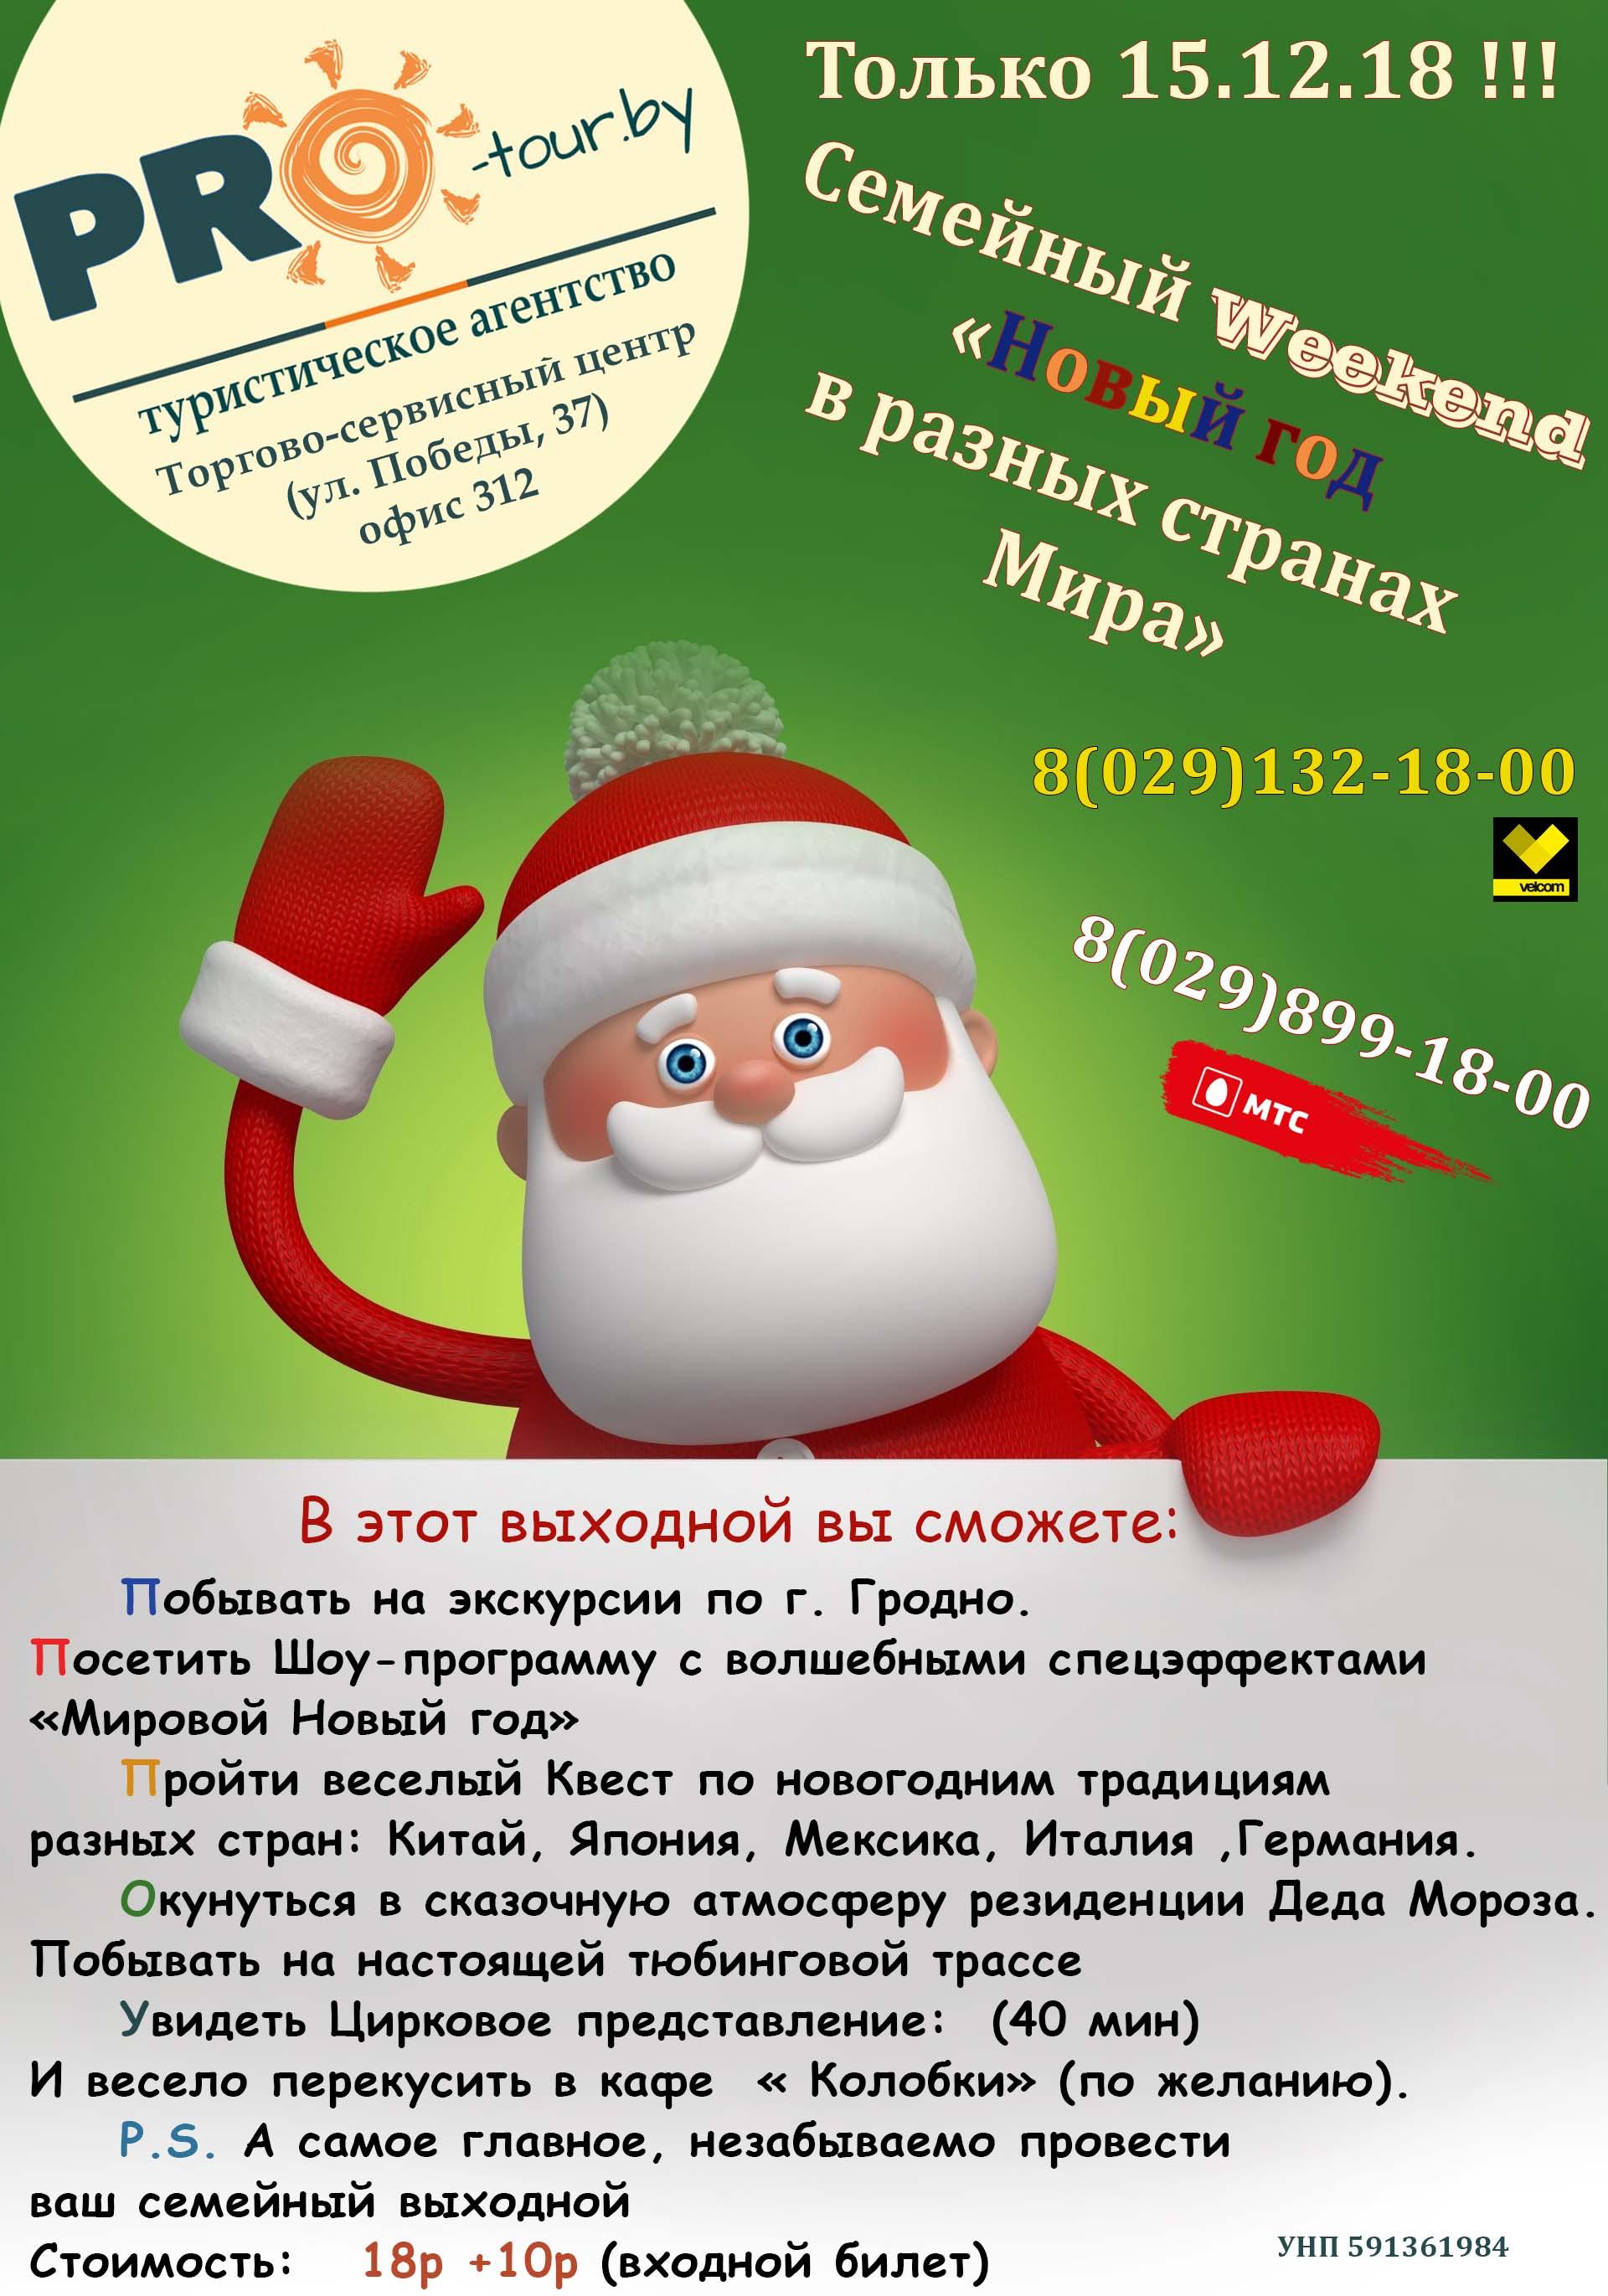 pro-tourby_Привал